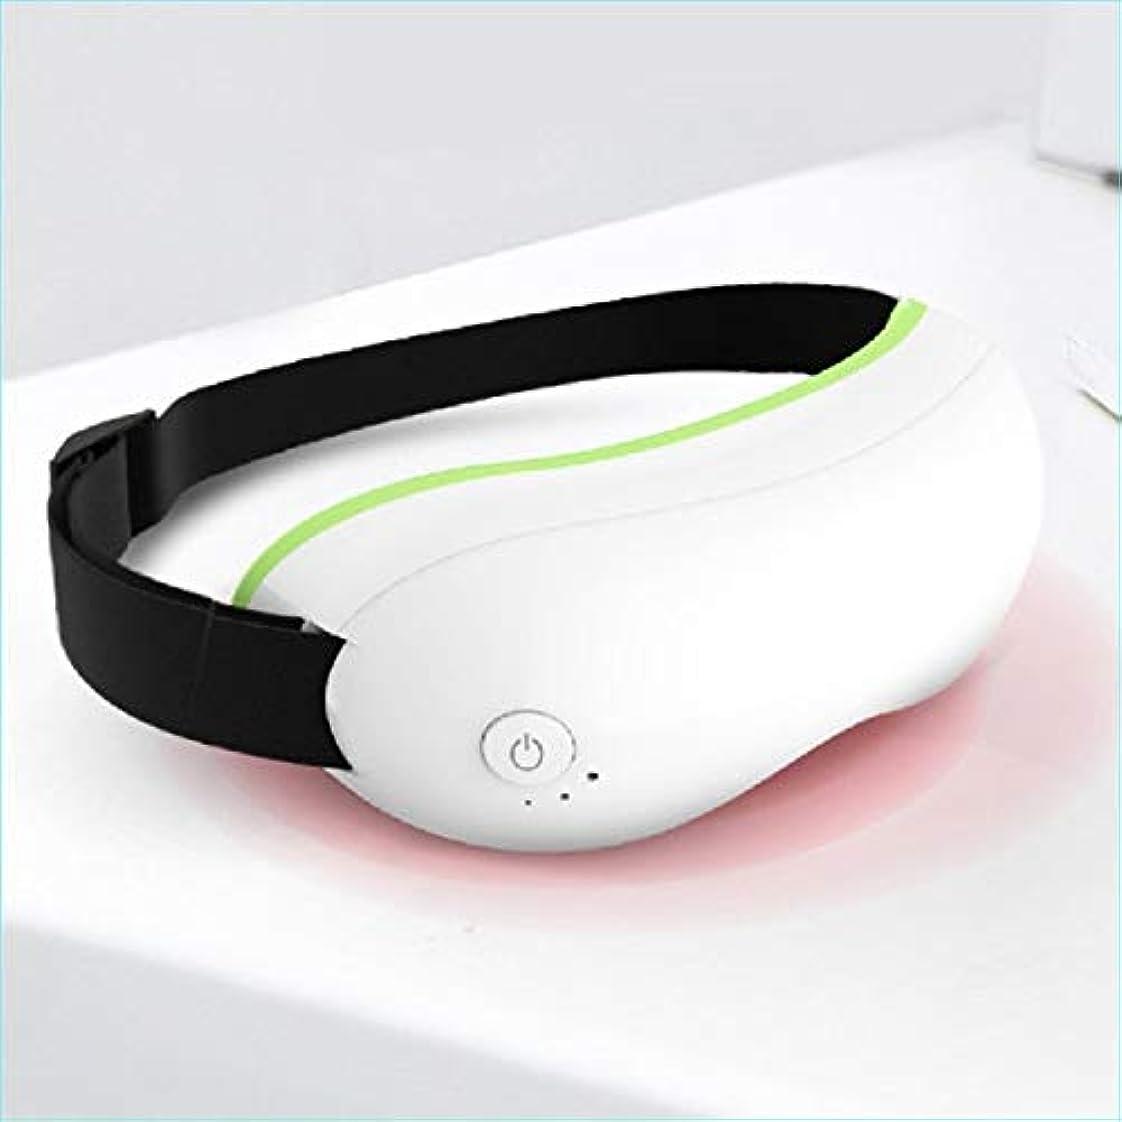 目覚めるせがむまだMeet now 暖房付きの高度な充電式ワイヤレスインテリジェント振動アイマッサージ 品質保証 (Color : White)